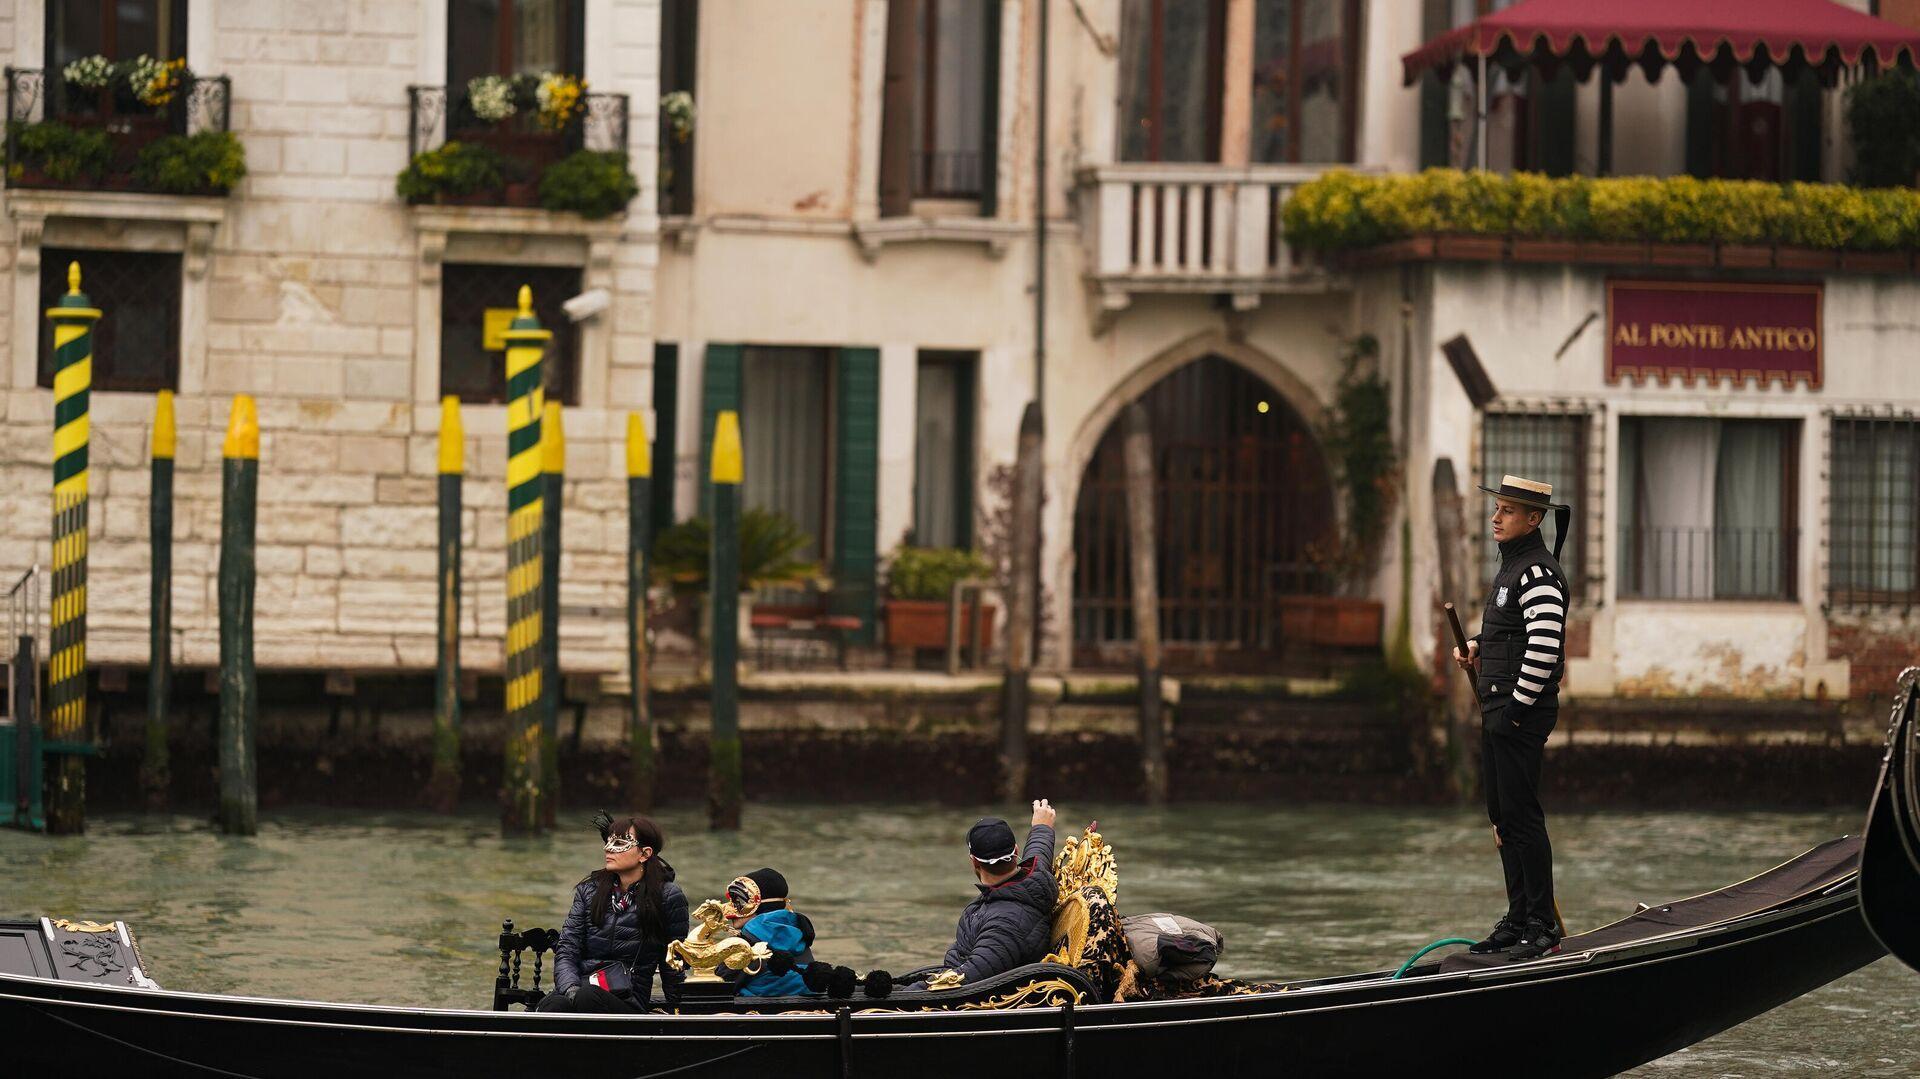 Туристы катаются в гондоле по каналам Венеции - РИА Новости, 1920, 20.04.2021